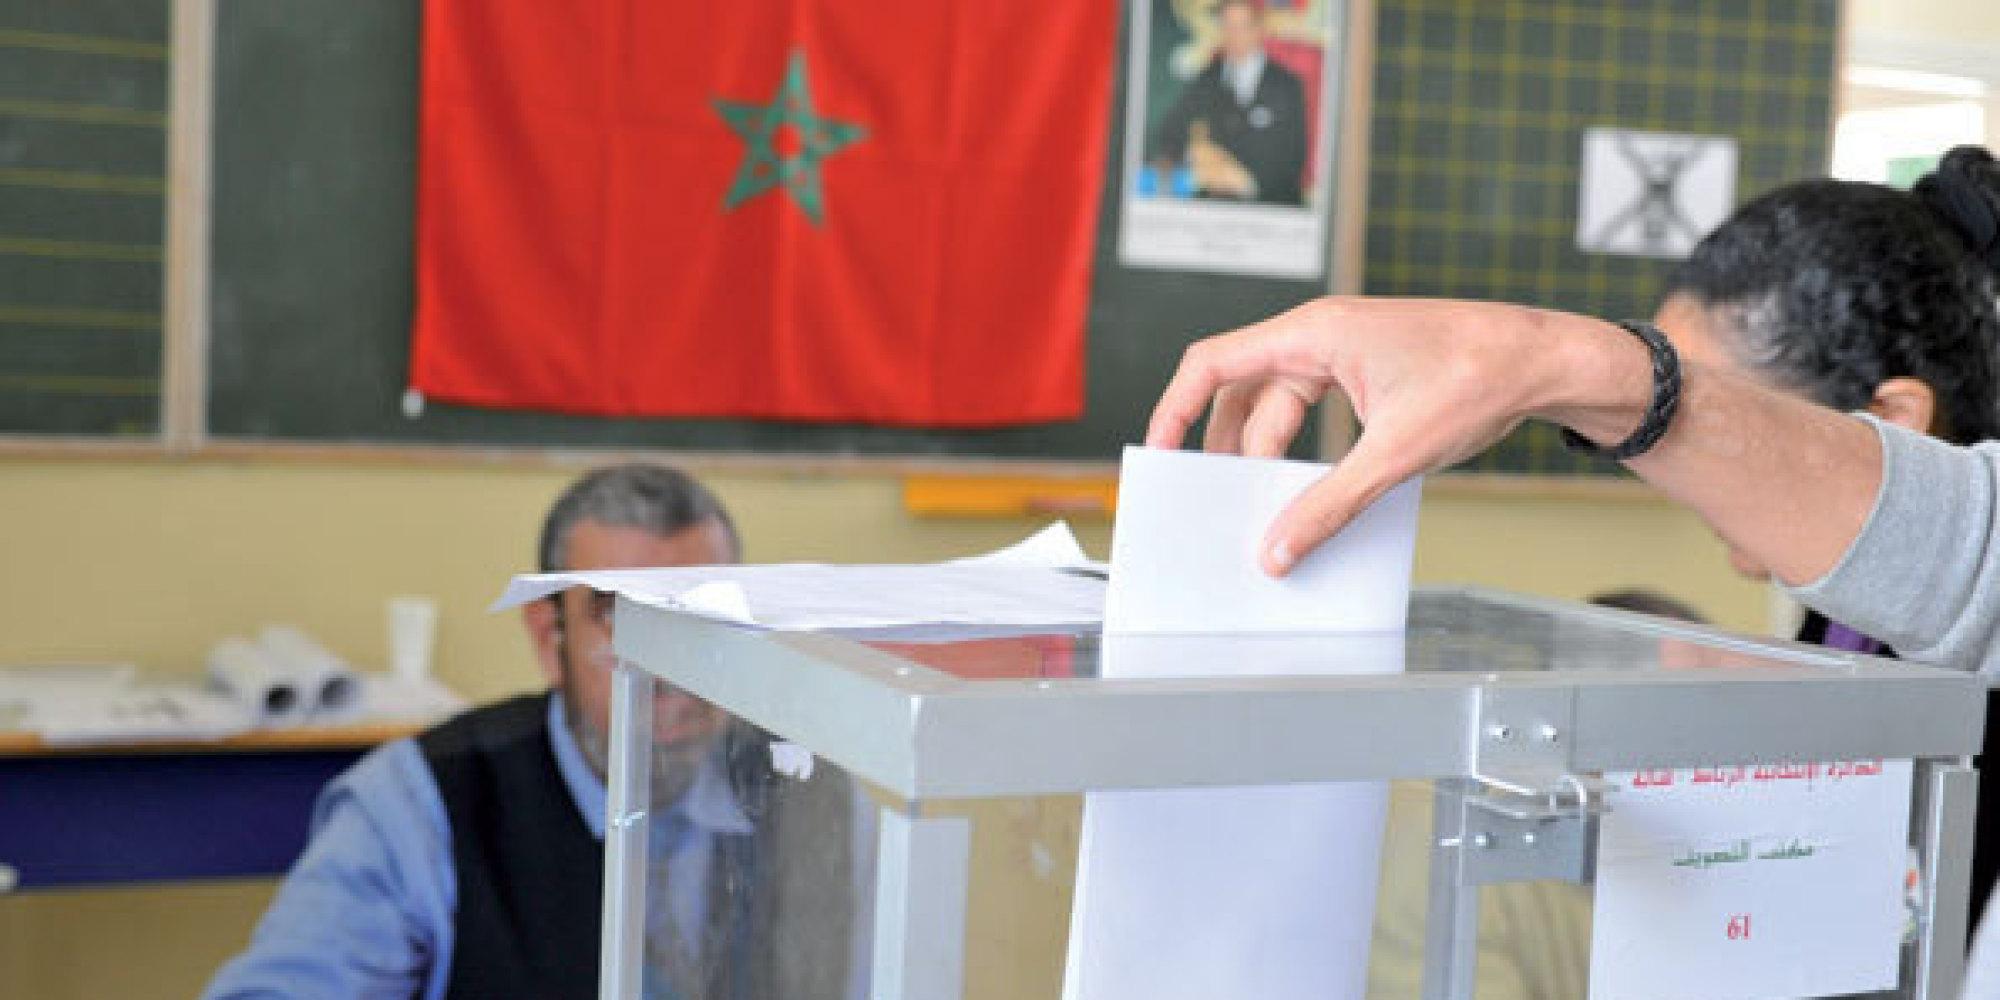 الإعلان عن فتح باب الترشيحات لملاحظة انتخابات الـ7 أكتوبر